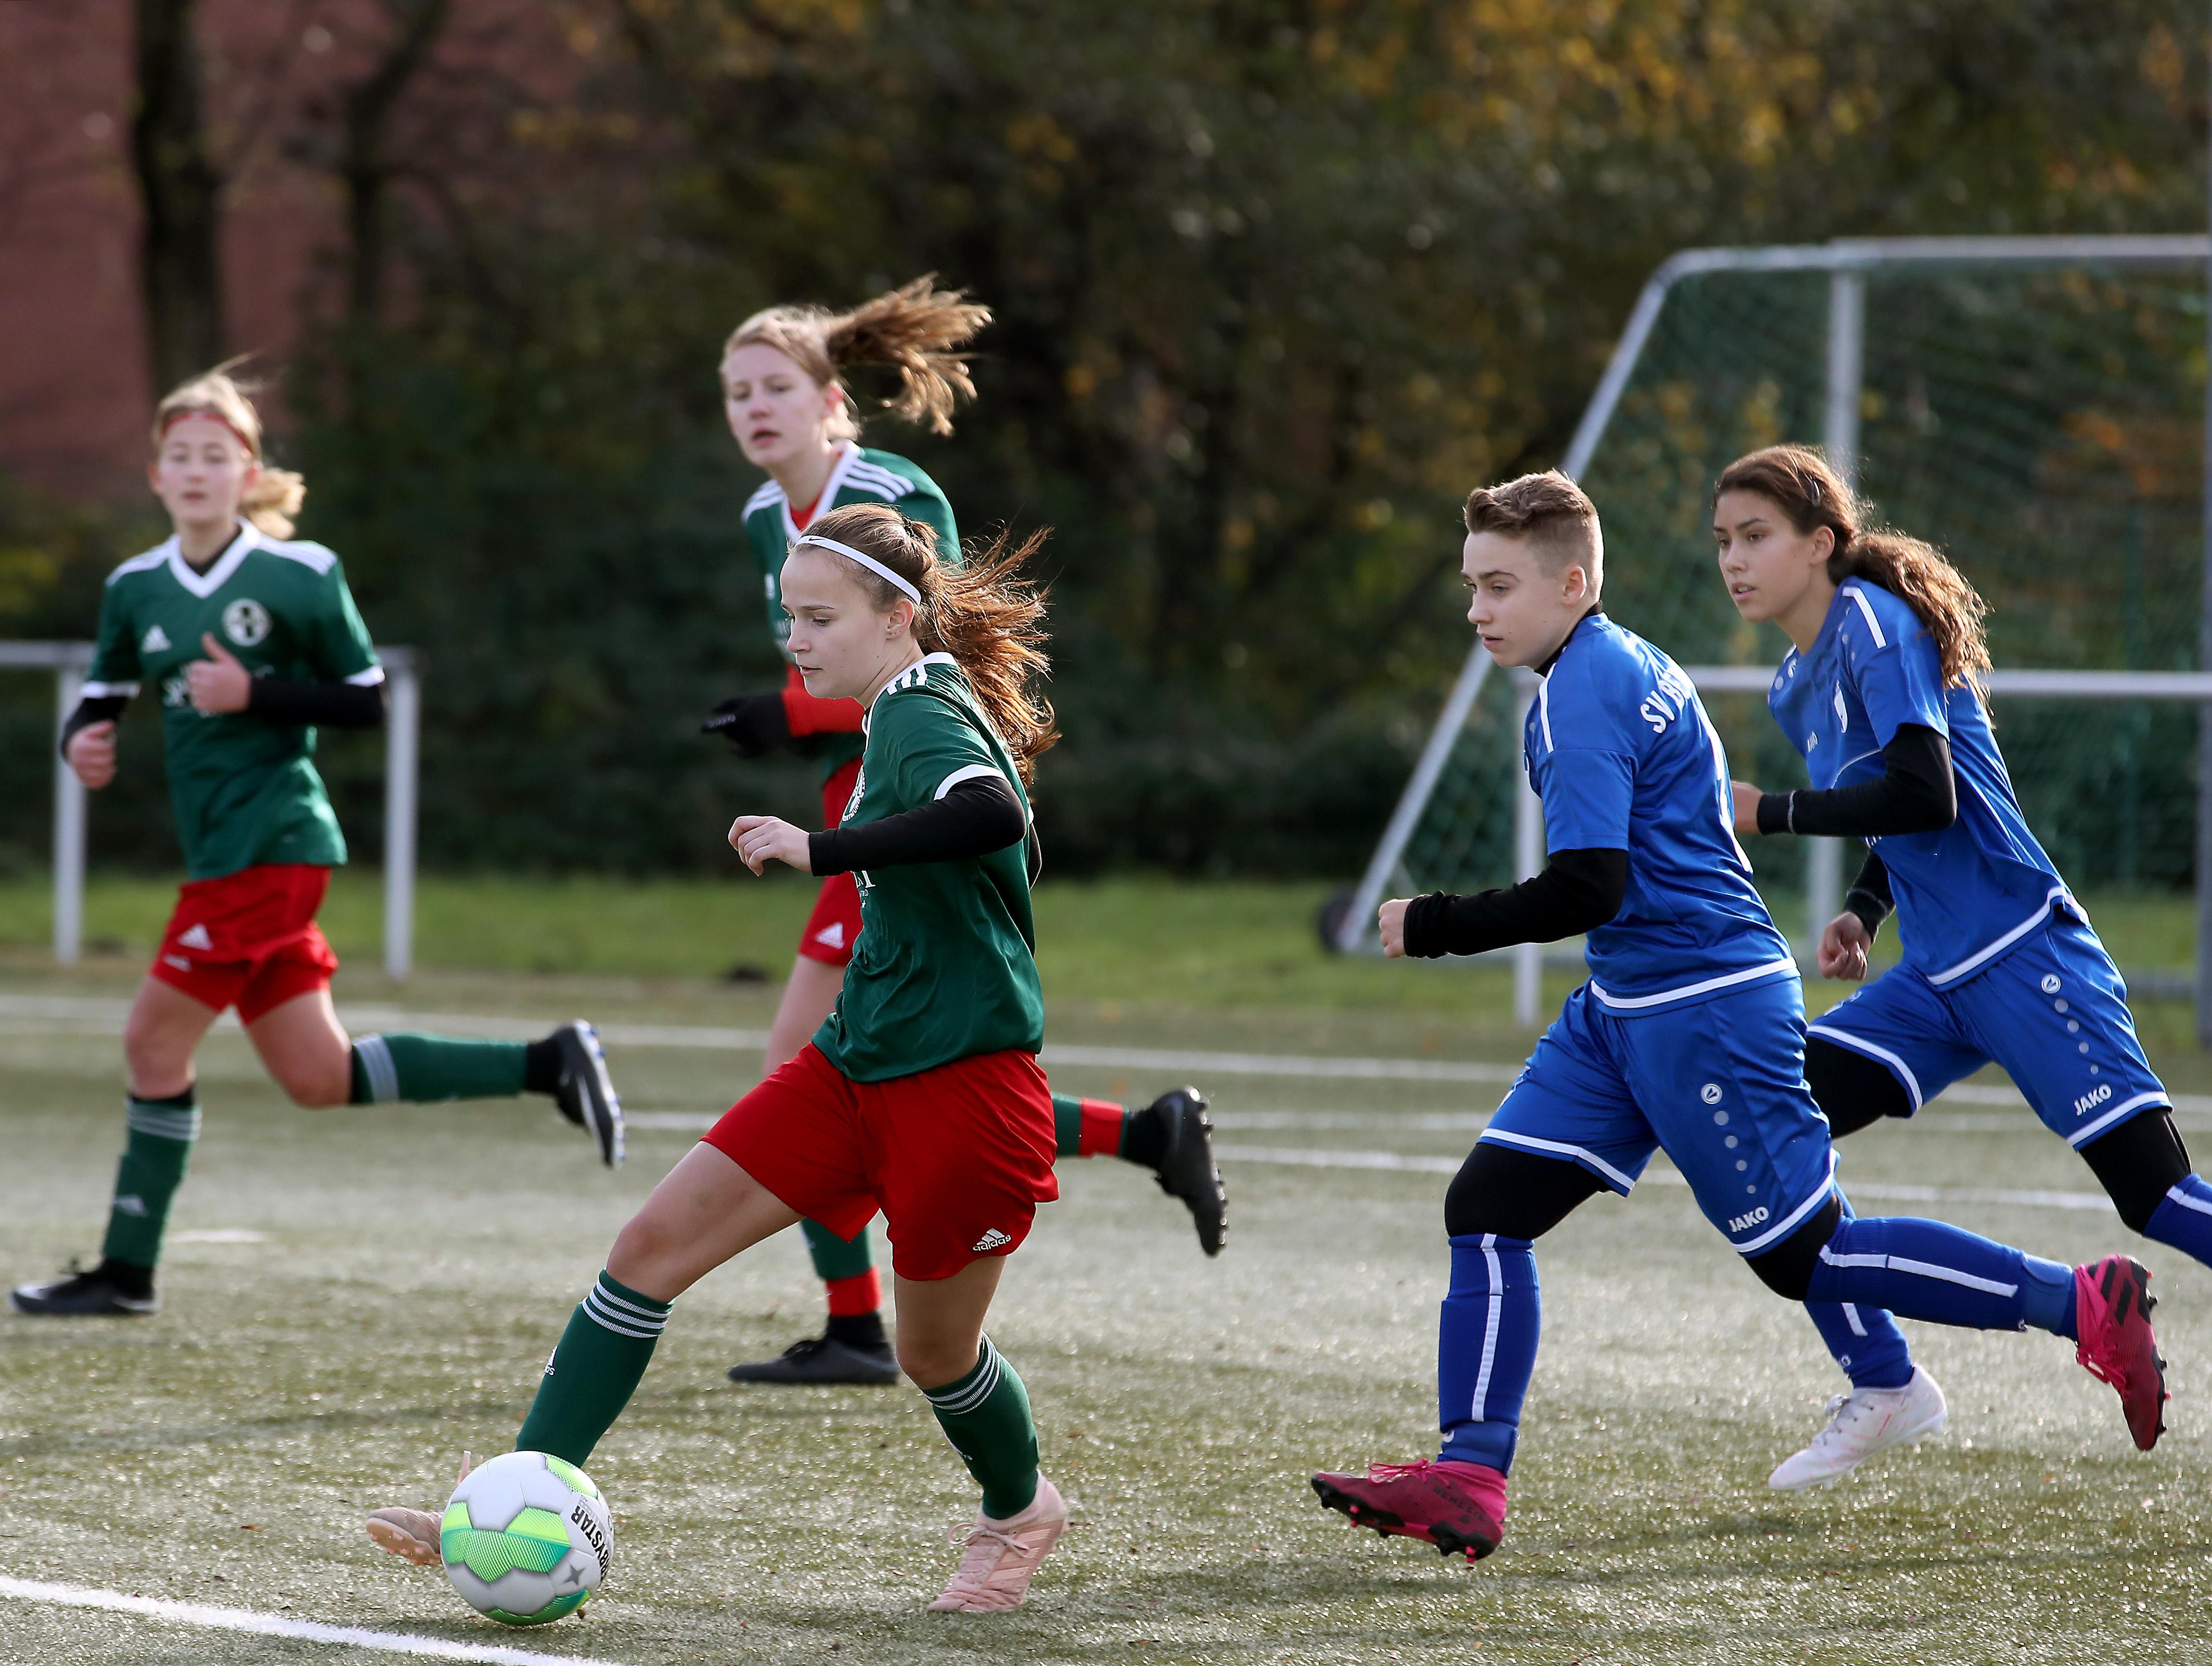 Ausschreibung Tag des Mädchenfußballs 2020